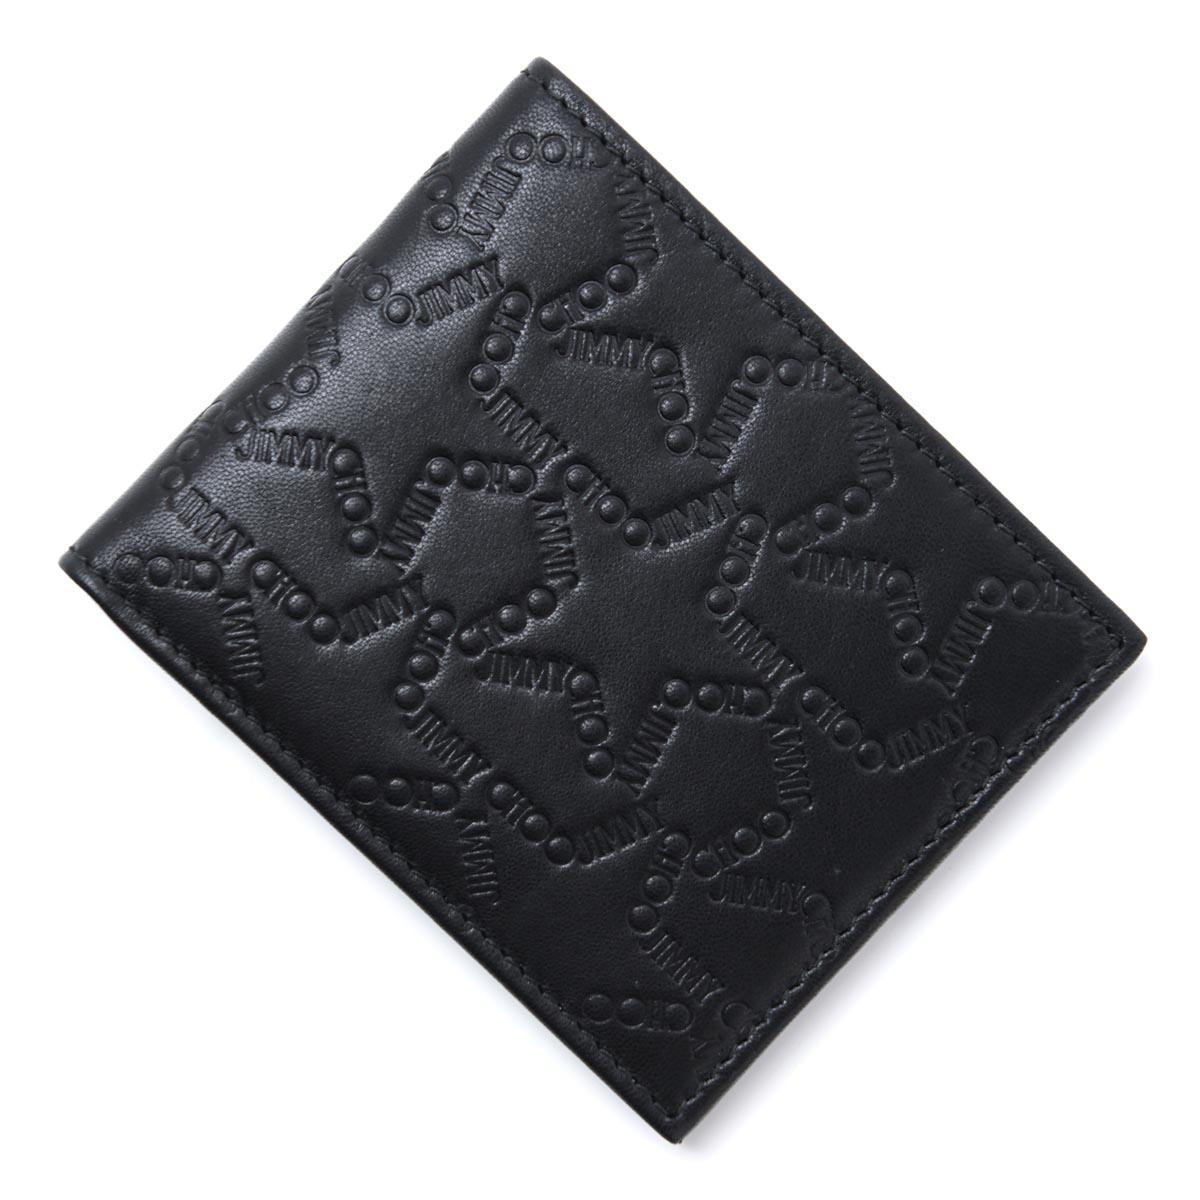 ジミーチュウ JIMMY CHOO 2つ折り 財布 ブラック メンズ ウォレット ギフト プレゼント mark ejl black MARK マーク【ラッピング無料】【返品送料無料】 htjc【181224】【あす楽対応_関東】